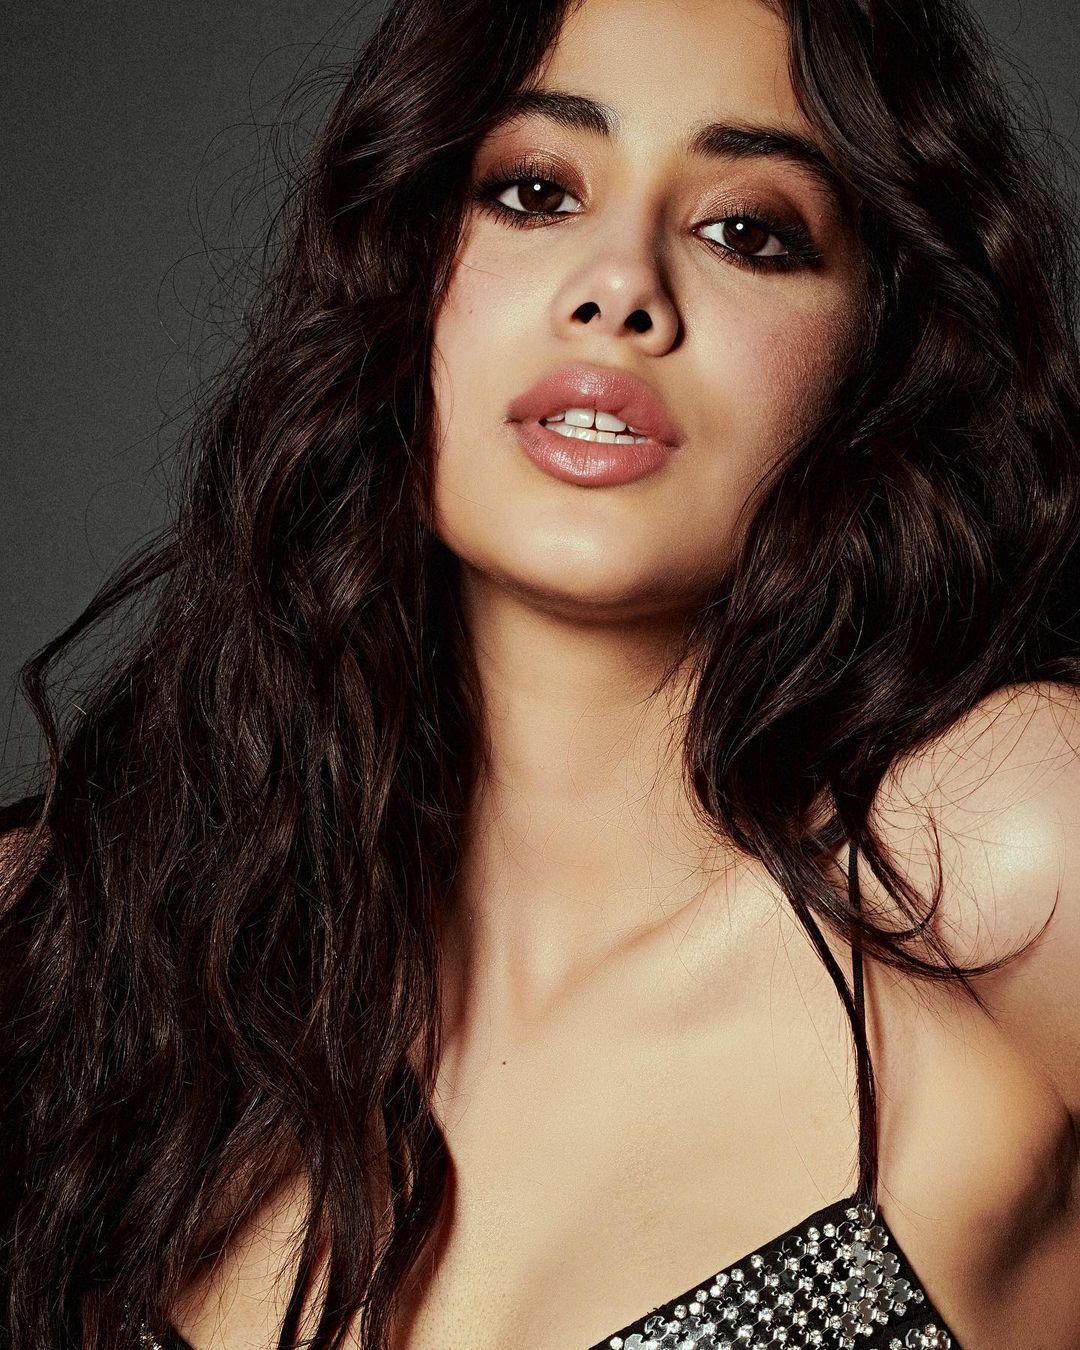 বছর ২৩-এর অভিনেত্রী সামাজিক মাধ্যমে ছবি পোস্ট করে লিখেছেন, 'Back to Black #Roohi day 3'।